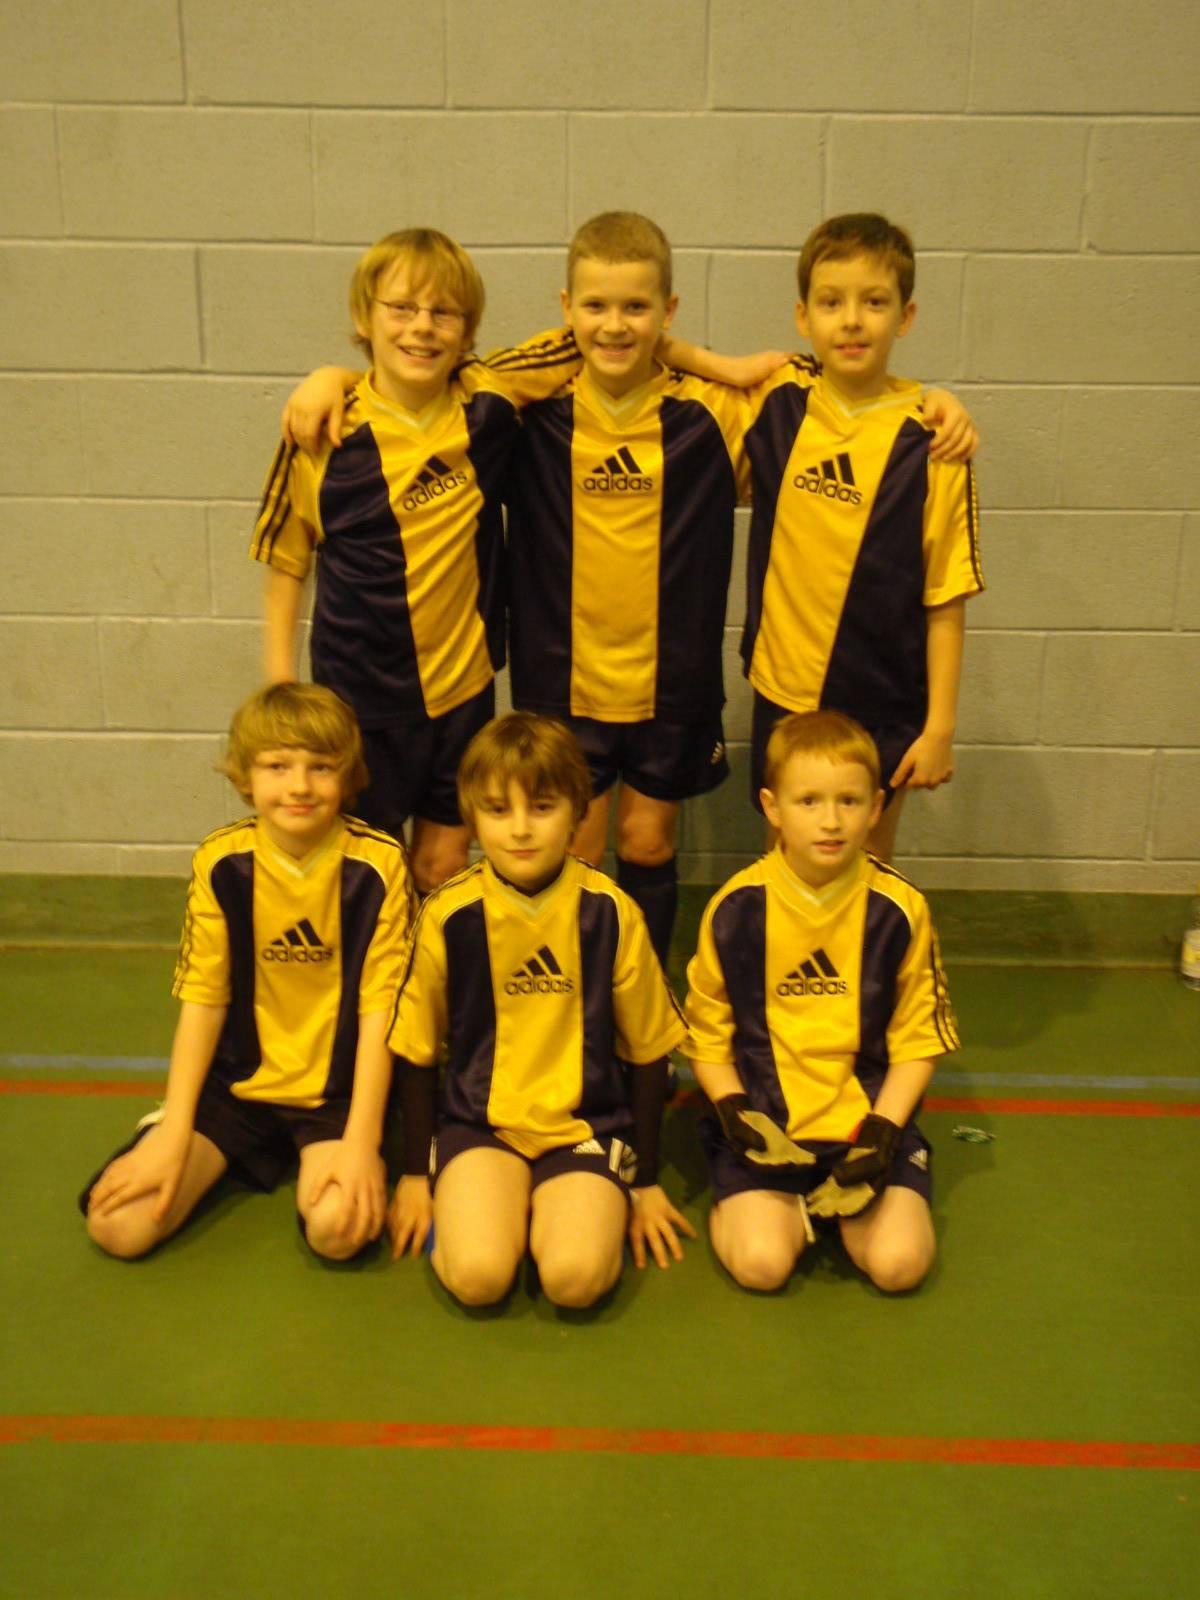 Cub 5 a Side Football 2011